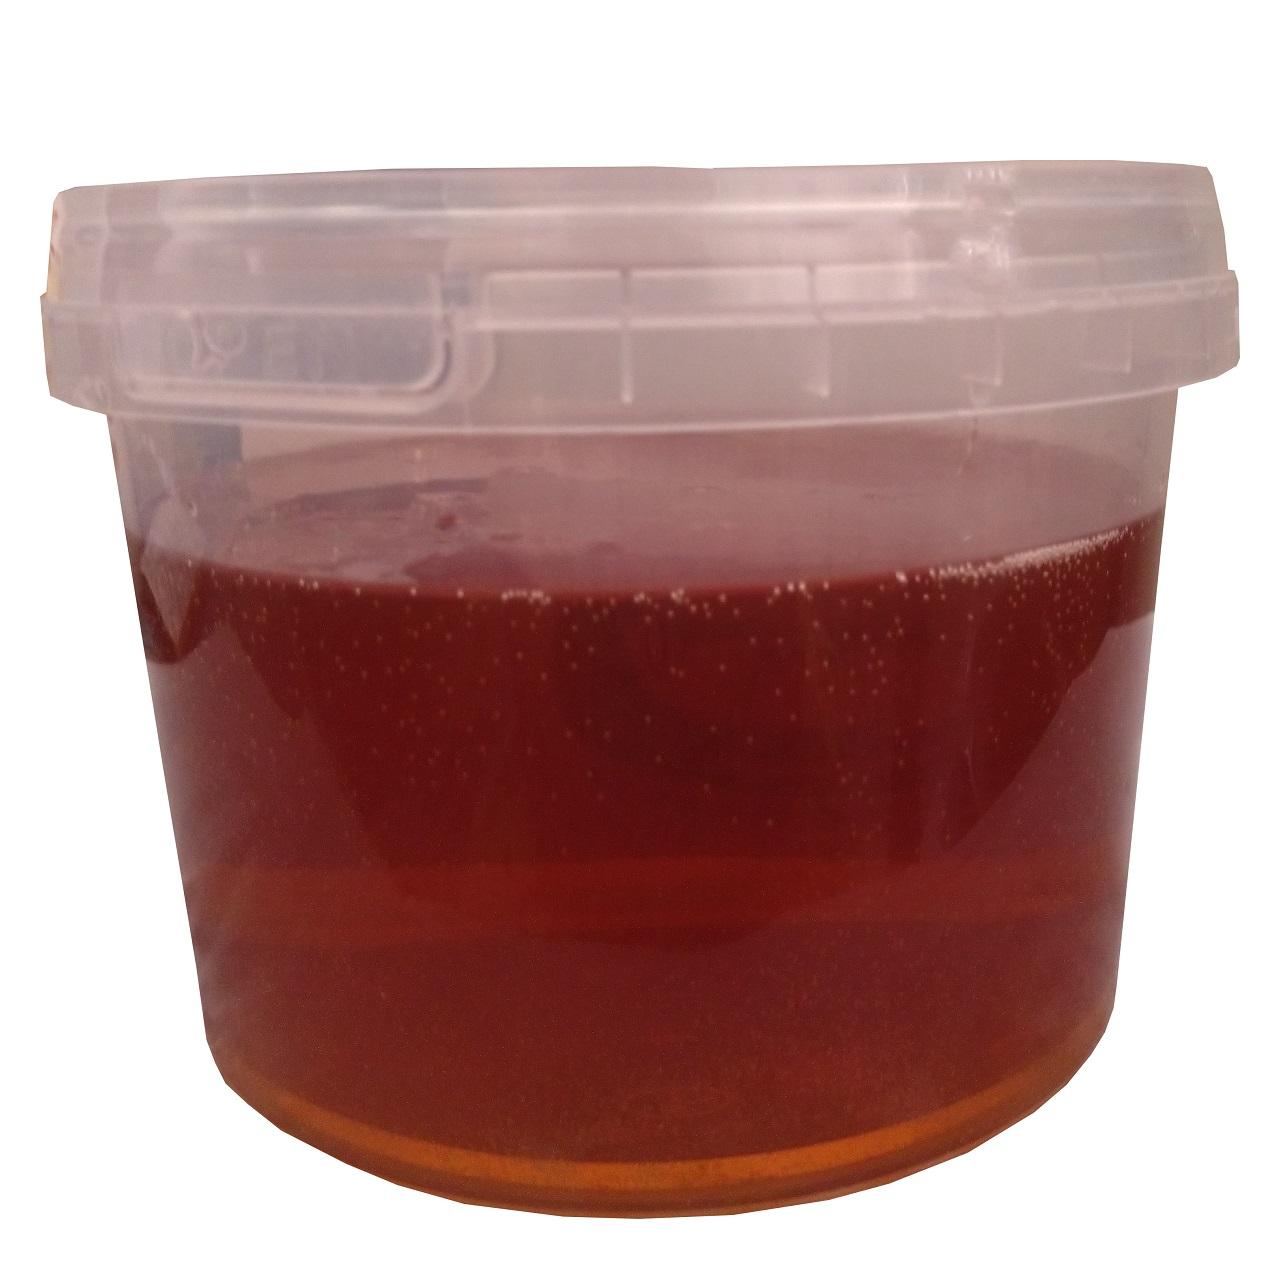 خرید                       موم موبر هیراد مدل عسل حجم 500 میلی لیتر               ✅